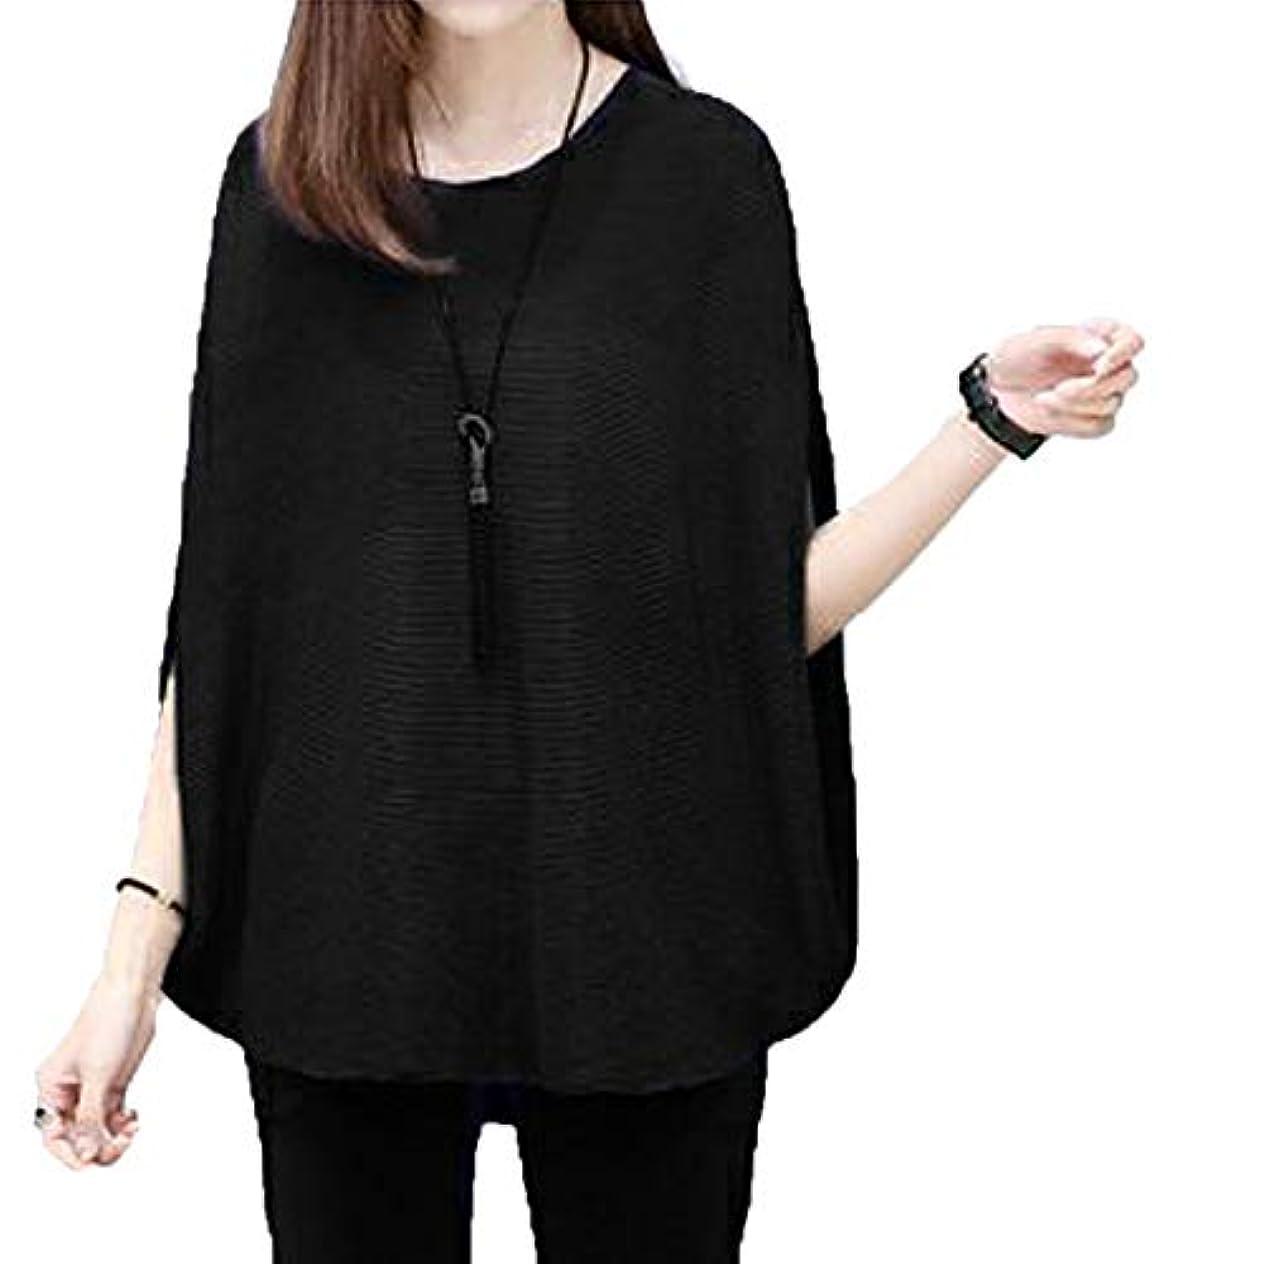 適応ツール炎上[ココチエ] レディース トップス Tシャツ 二の腕 カバー 半袖 ノースリーブ プルオーバー ゆったり 大人体型 体型カバー おおきいサイズ おしゃれ 黒 ネイビー